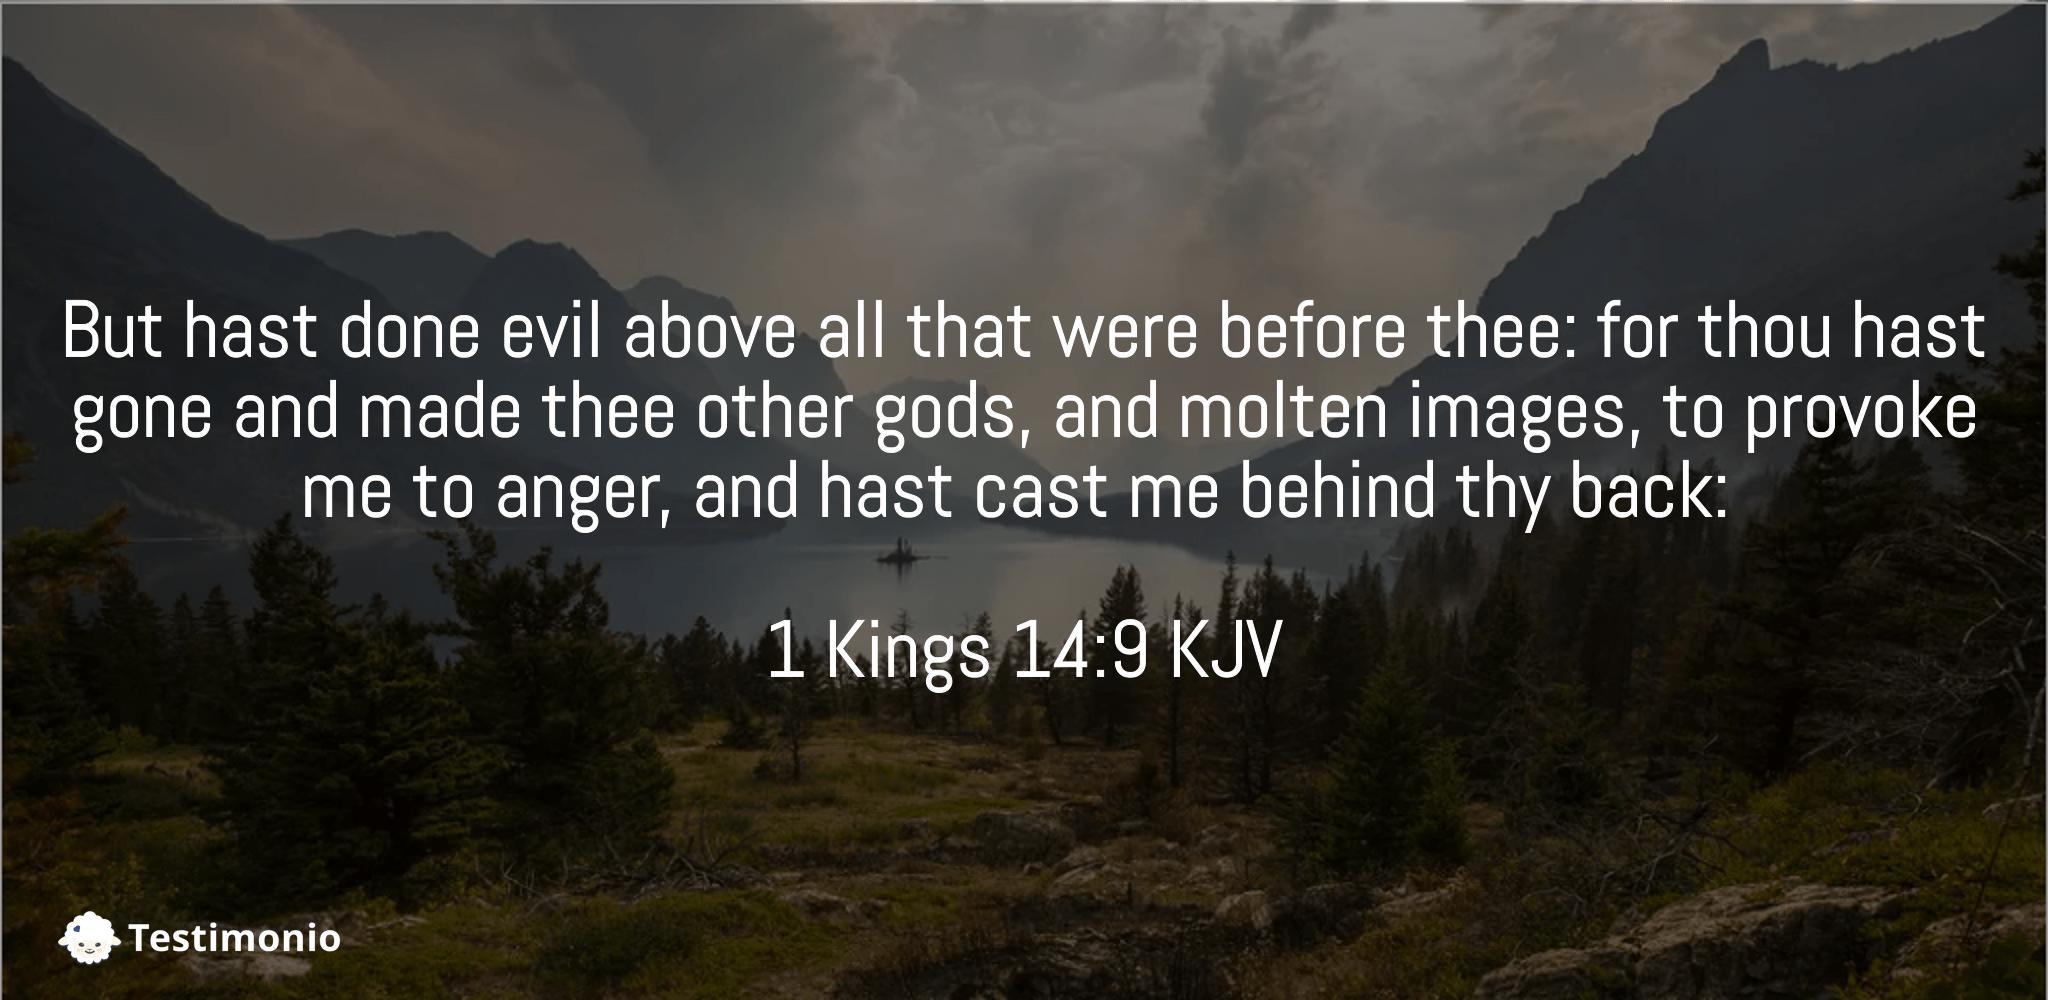 1 Kings 14:9